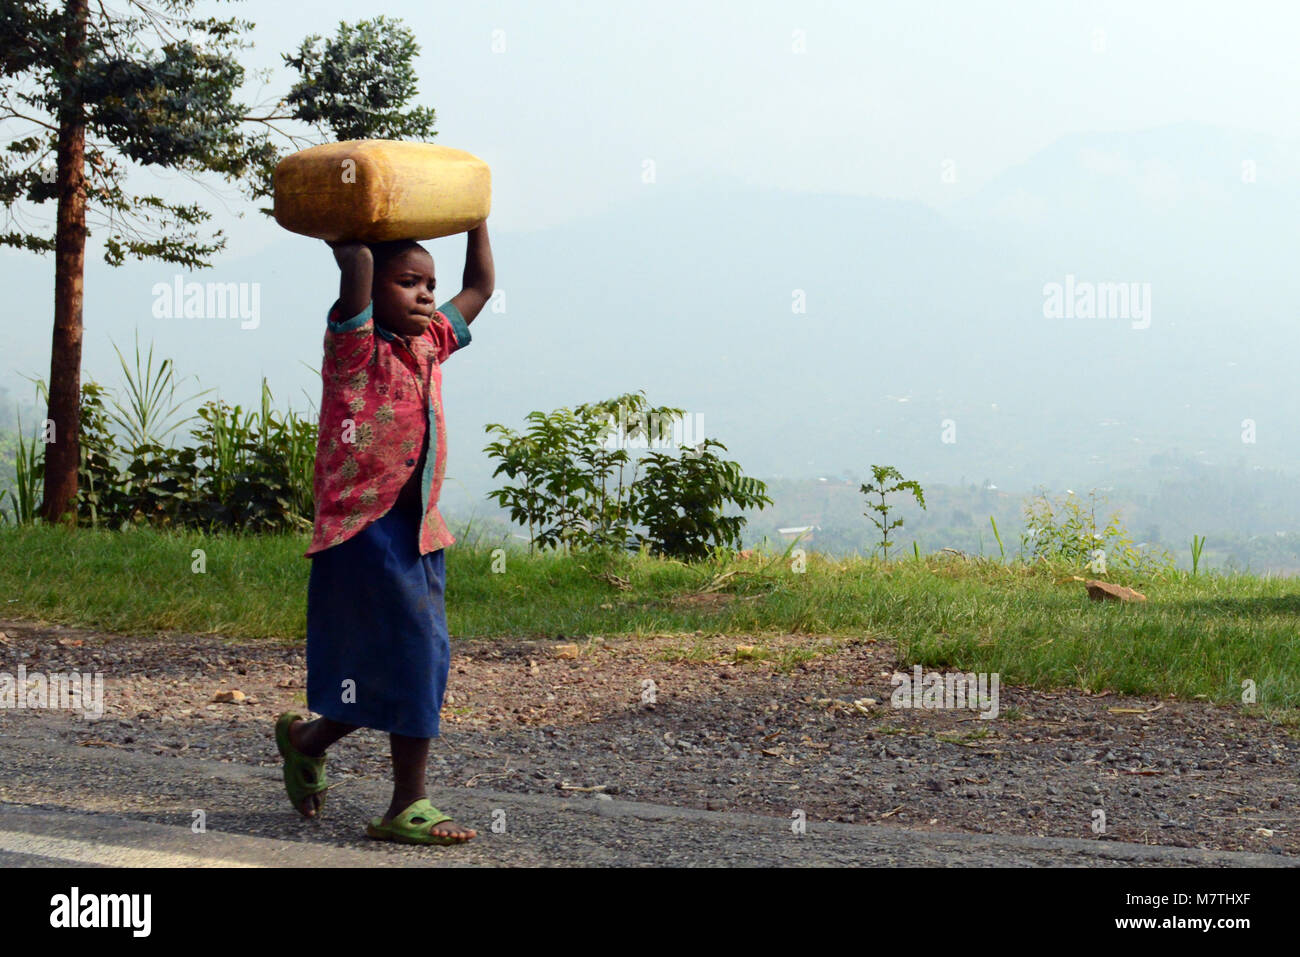 Una ragazza che porta un bidone di acqua sulla sua testa. Immagini Stock